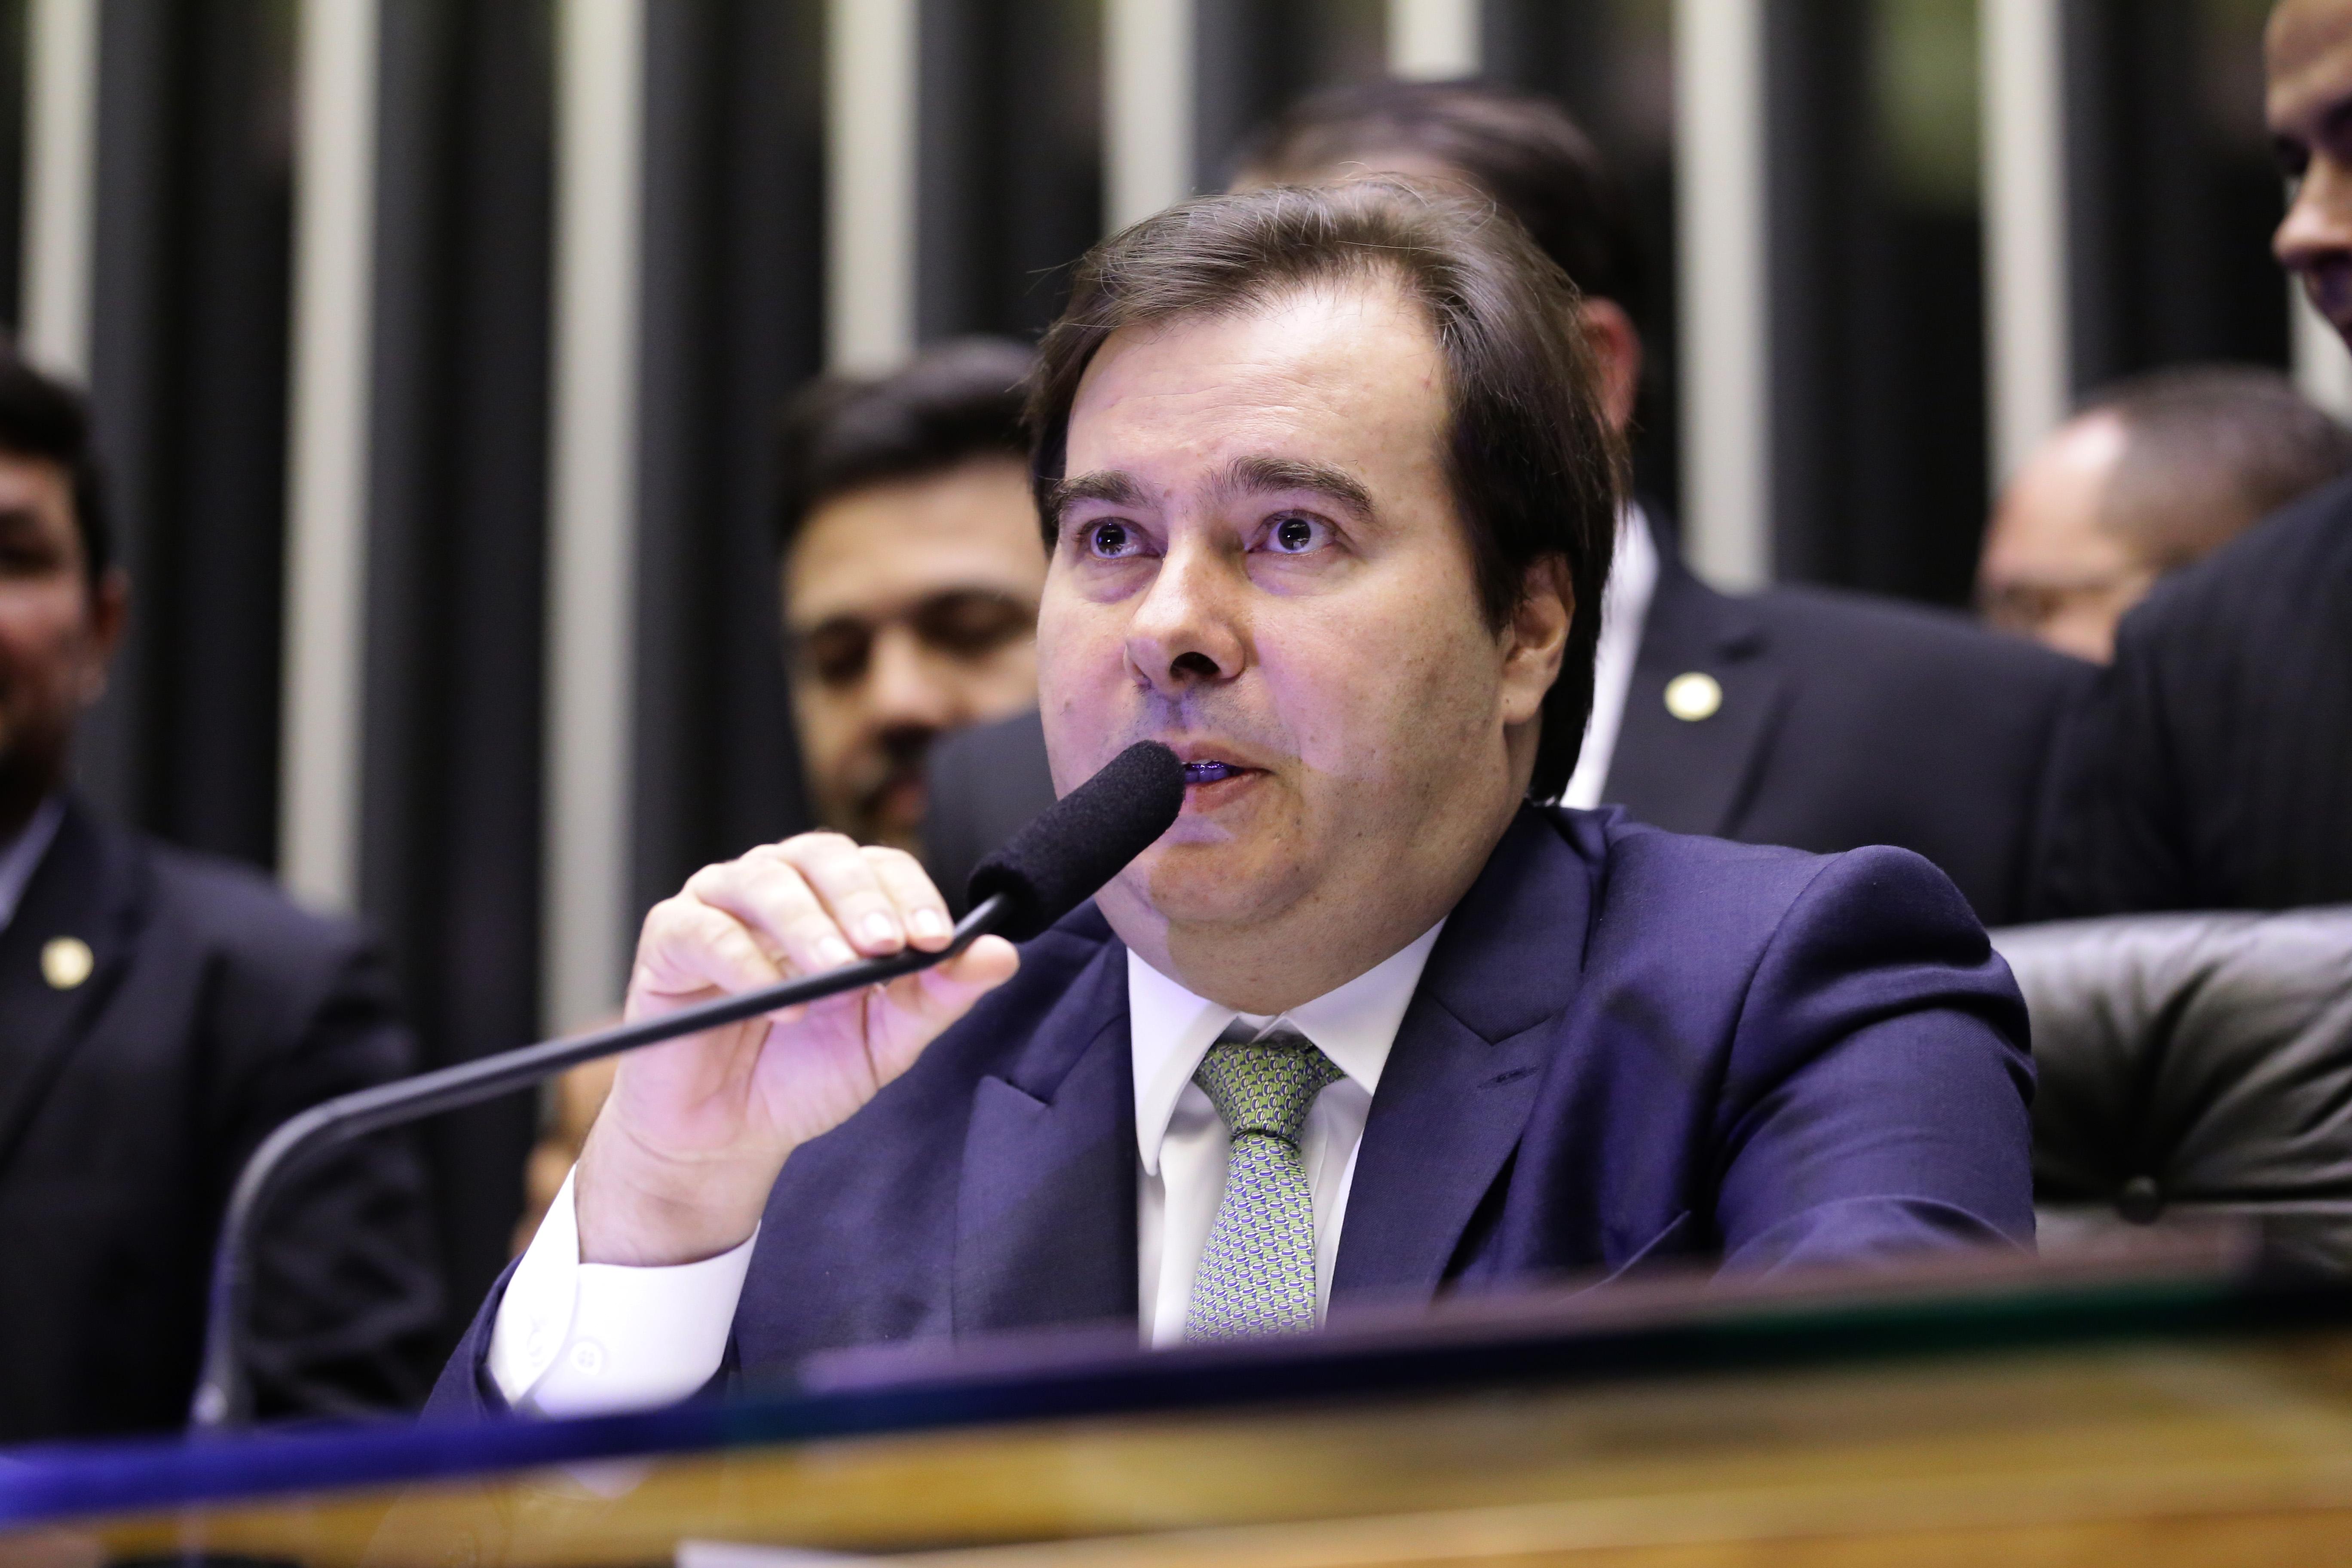 Homenagem ao Senhor Carlos Alberto de Nóbrega.  Presidente da Câmara dos Deputados, dep. Rodrigo Maia (DEM-RJ)